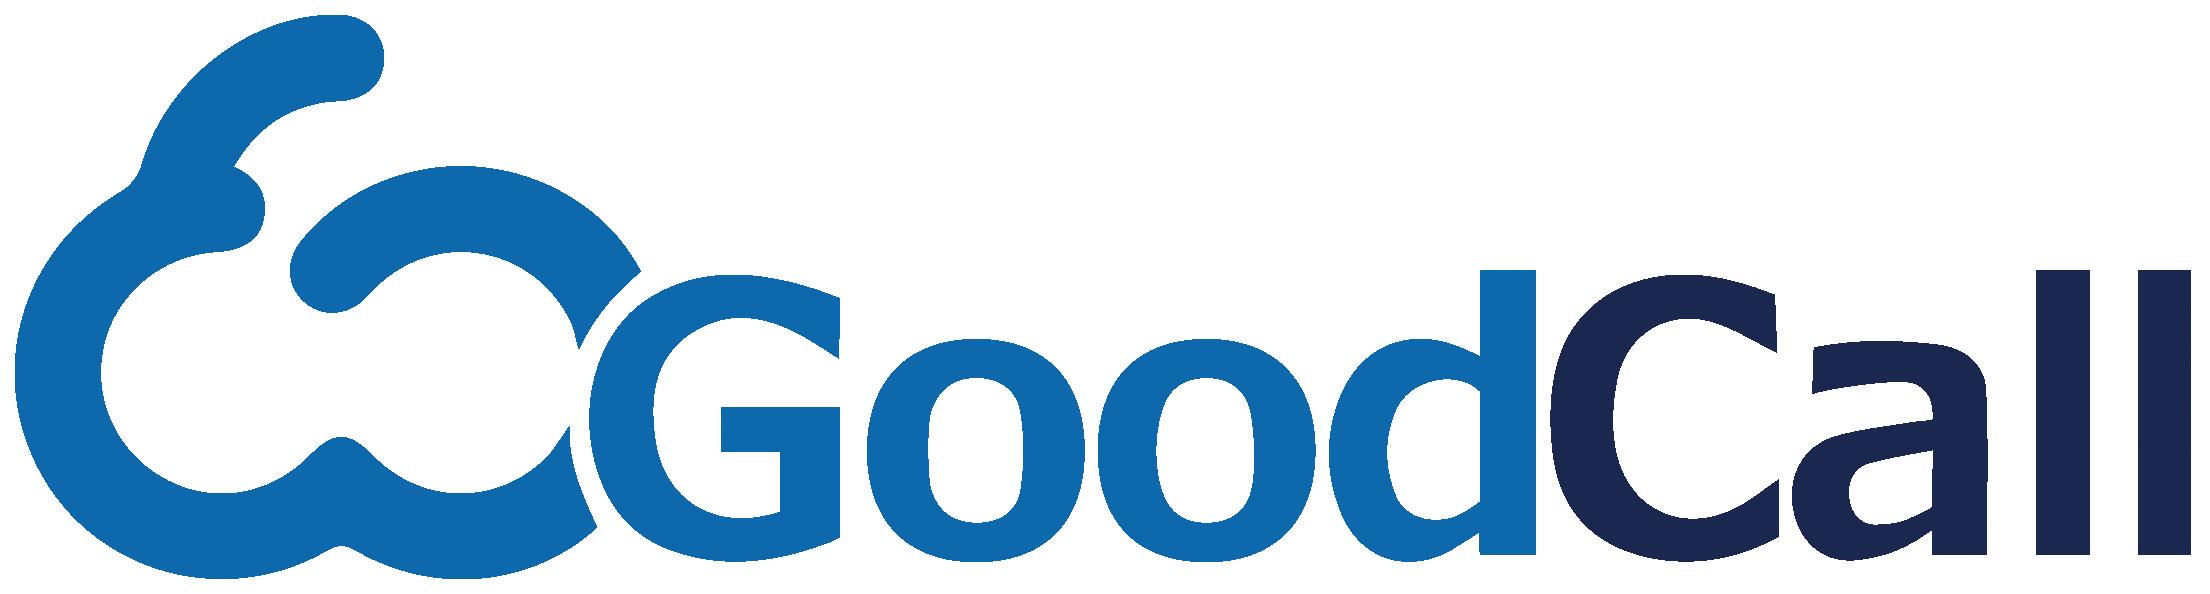 GoodCallのロゴ